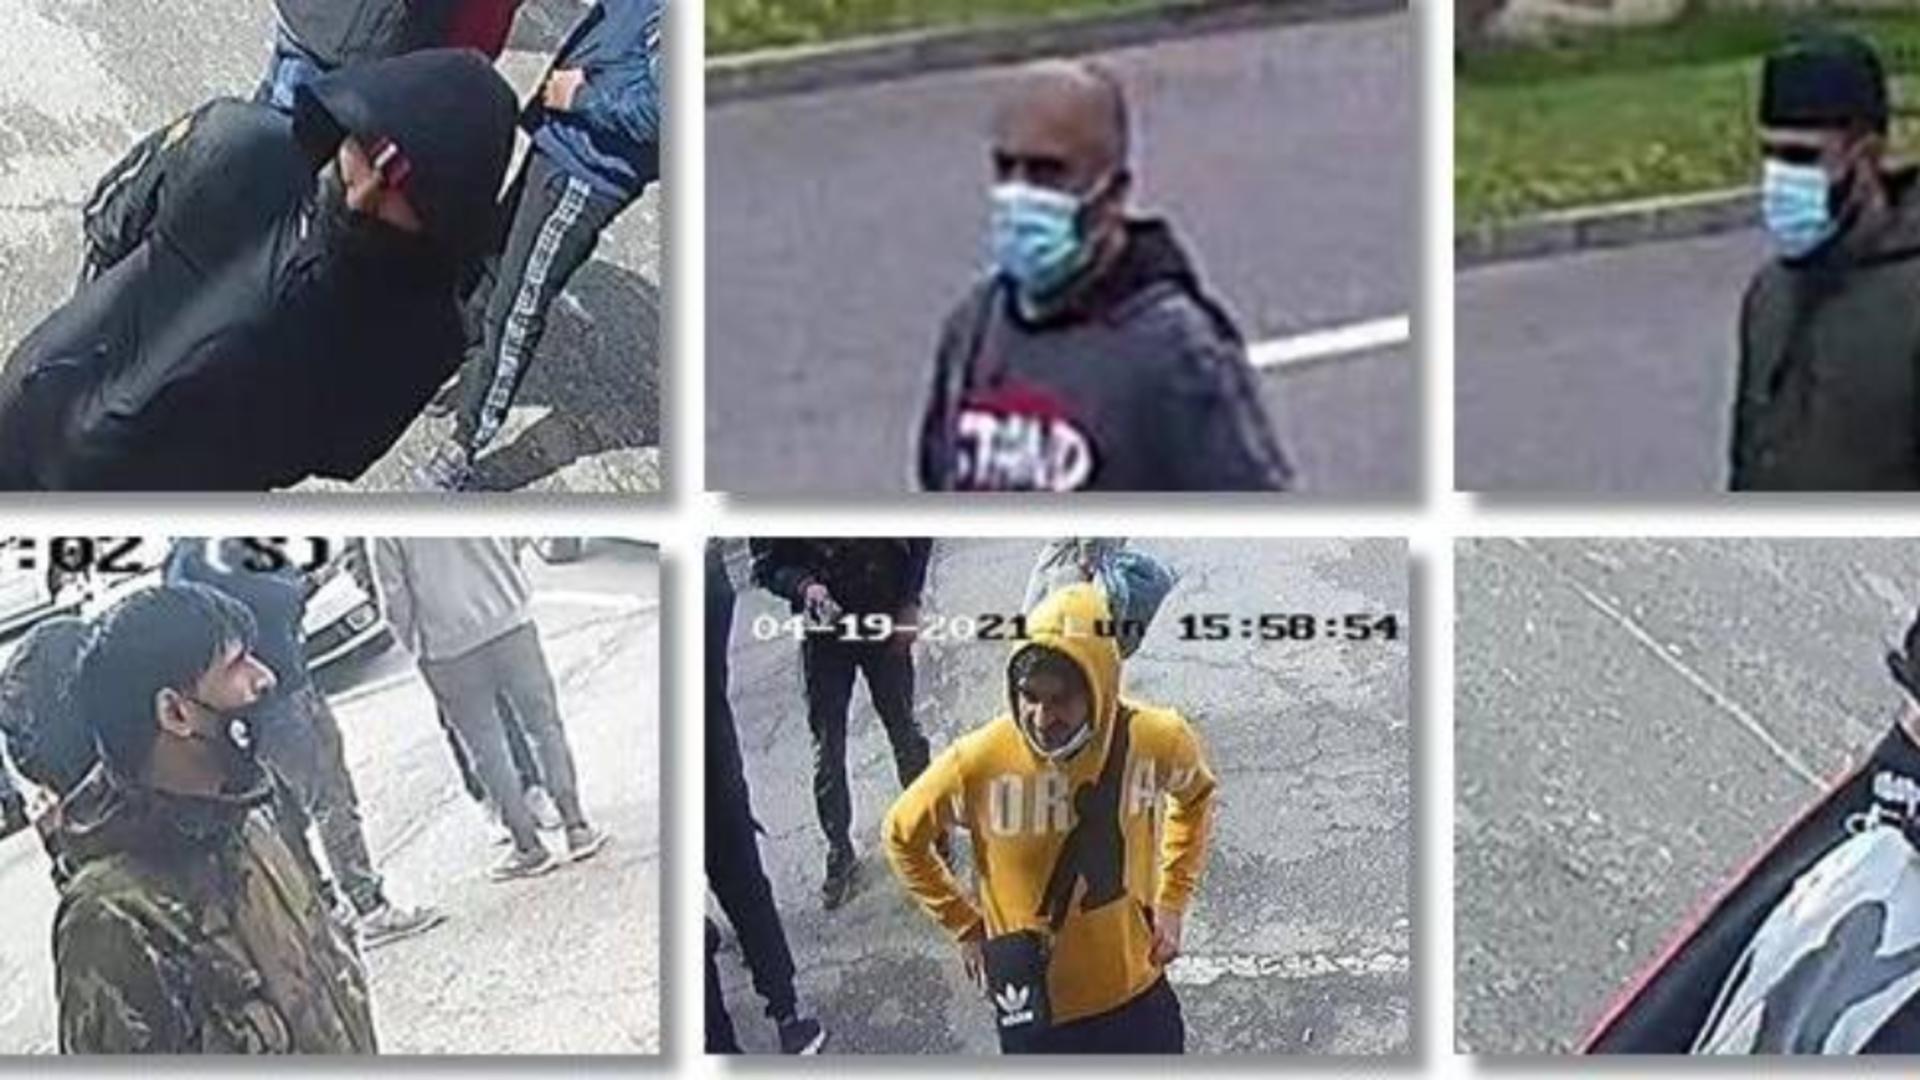 Cei șase suspecți în conflictul sângeros de la Timișoara (sursă: IPJ Timiș)